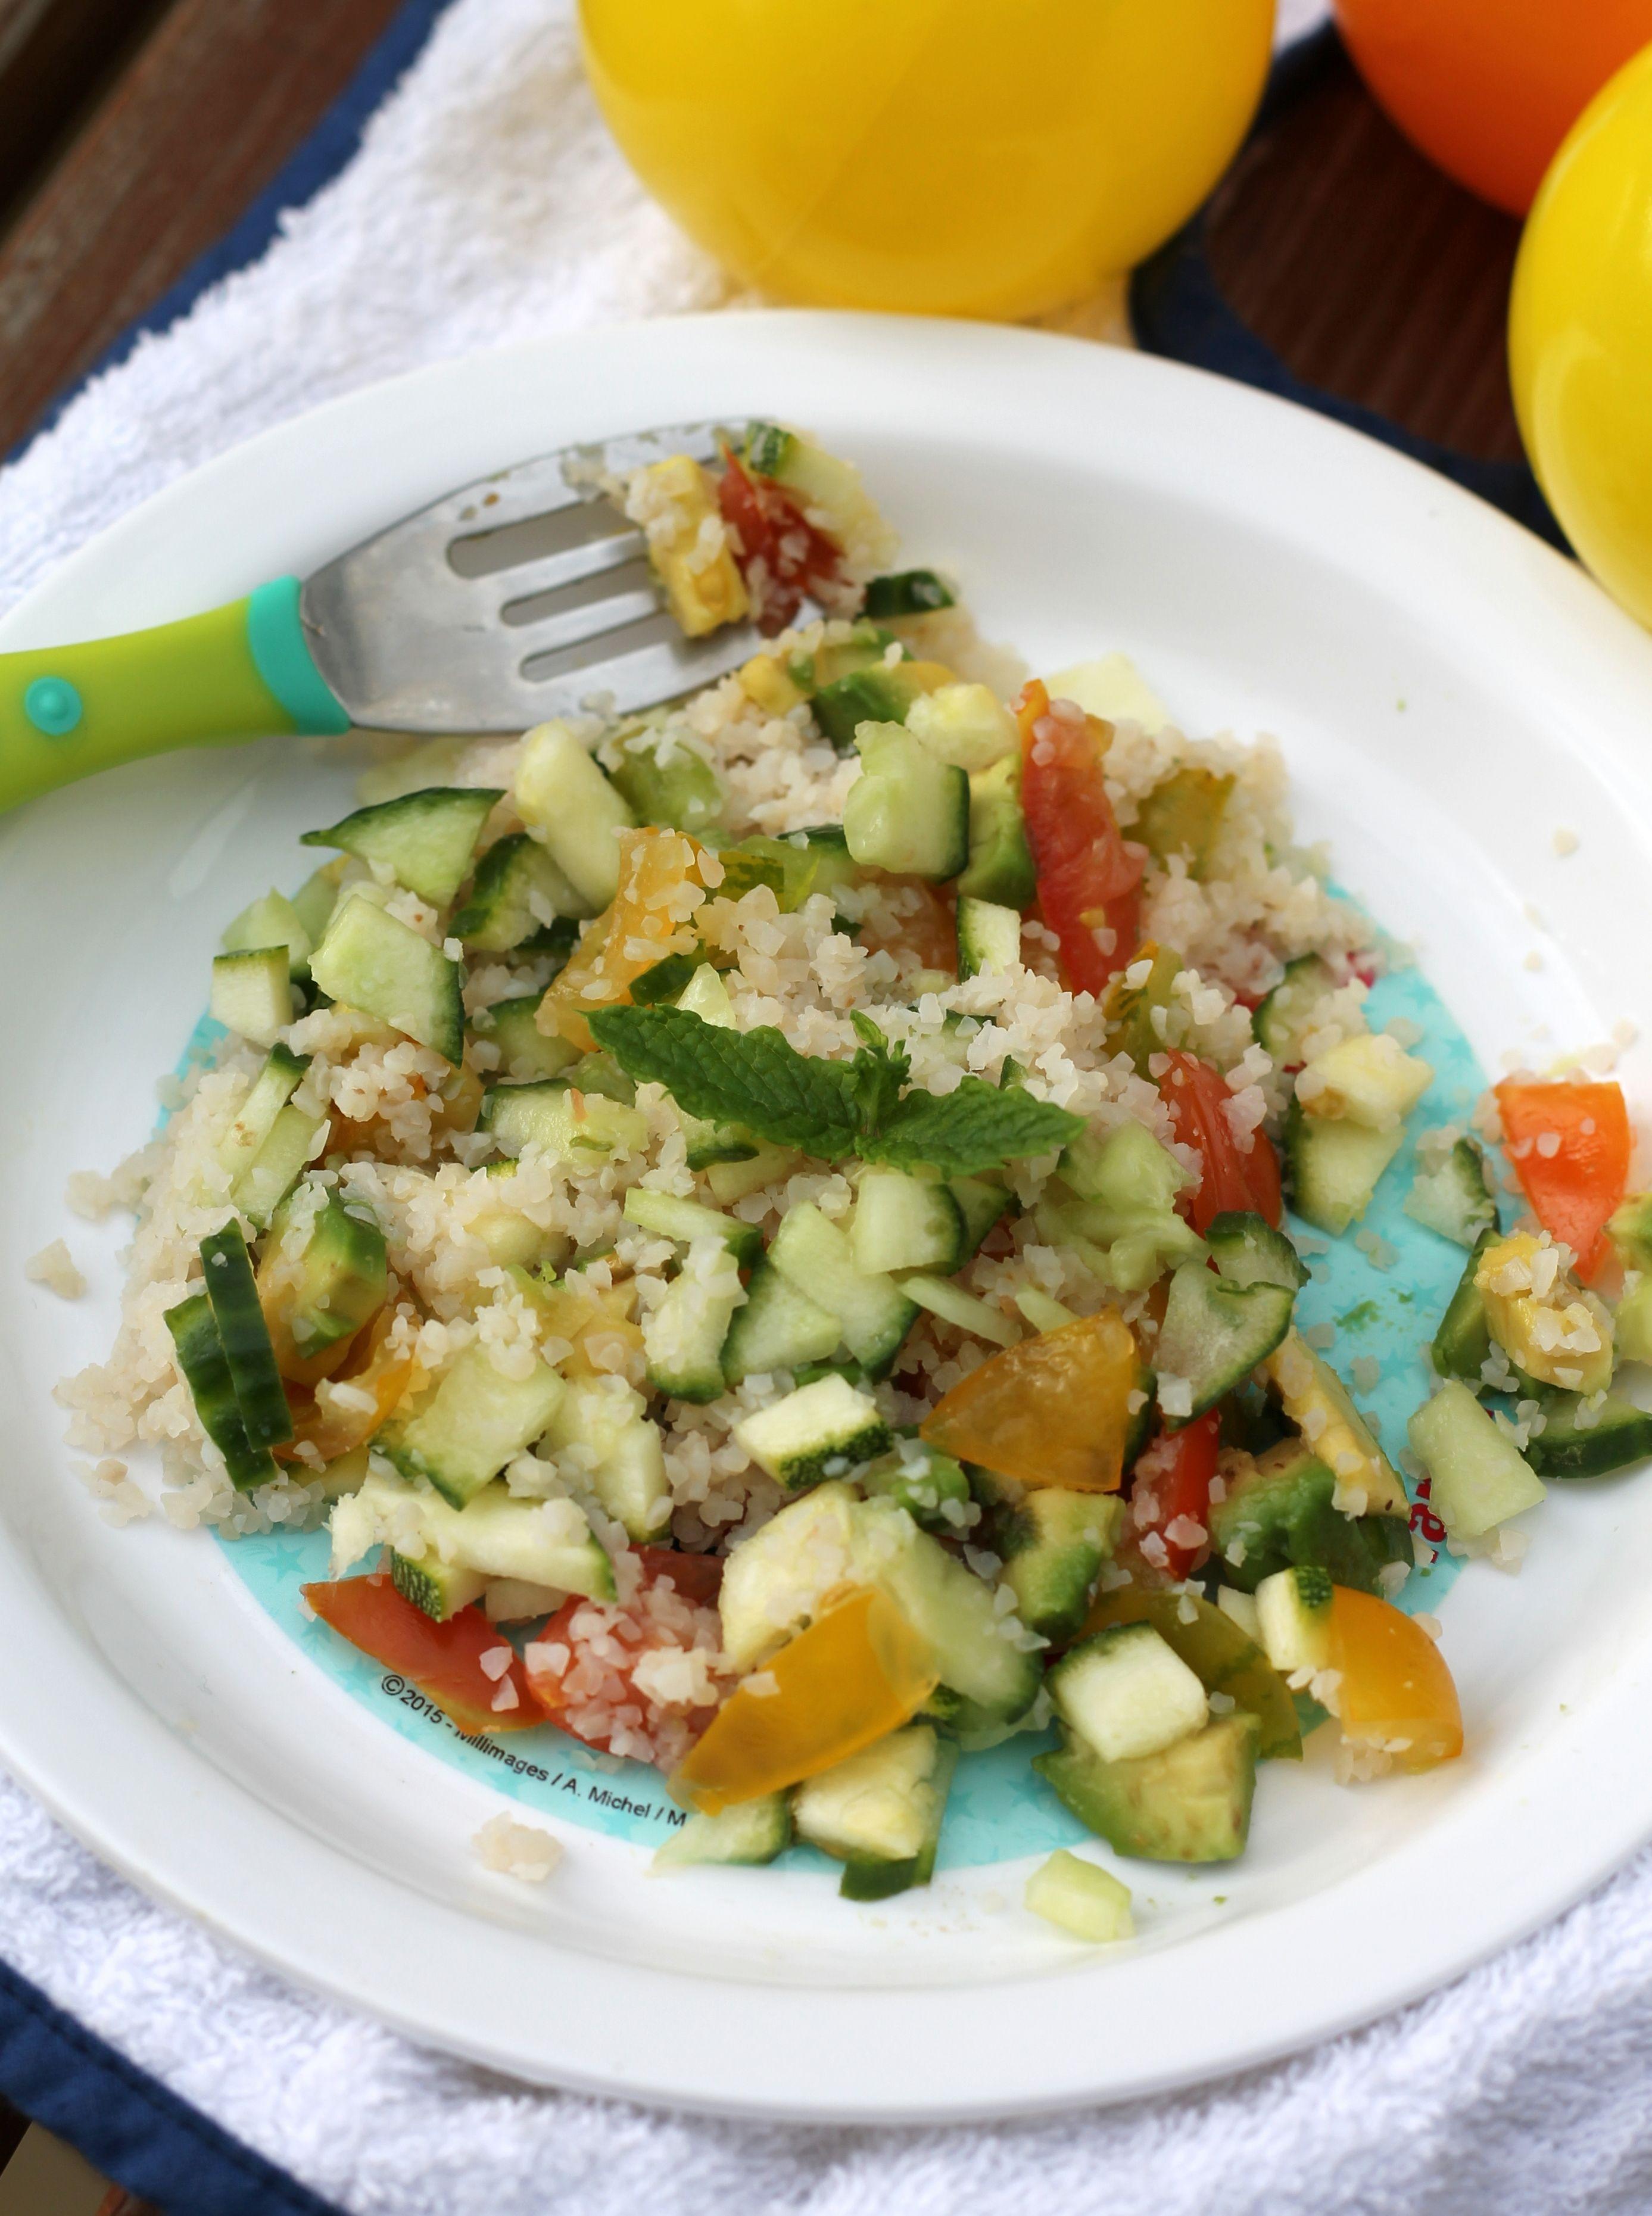 Salade de semoule | Recettes de cuisine, Recette, Recette ...